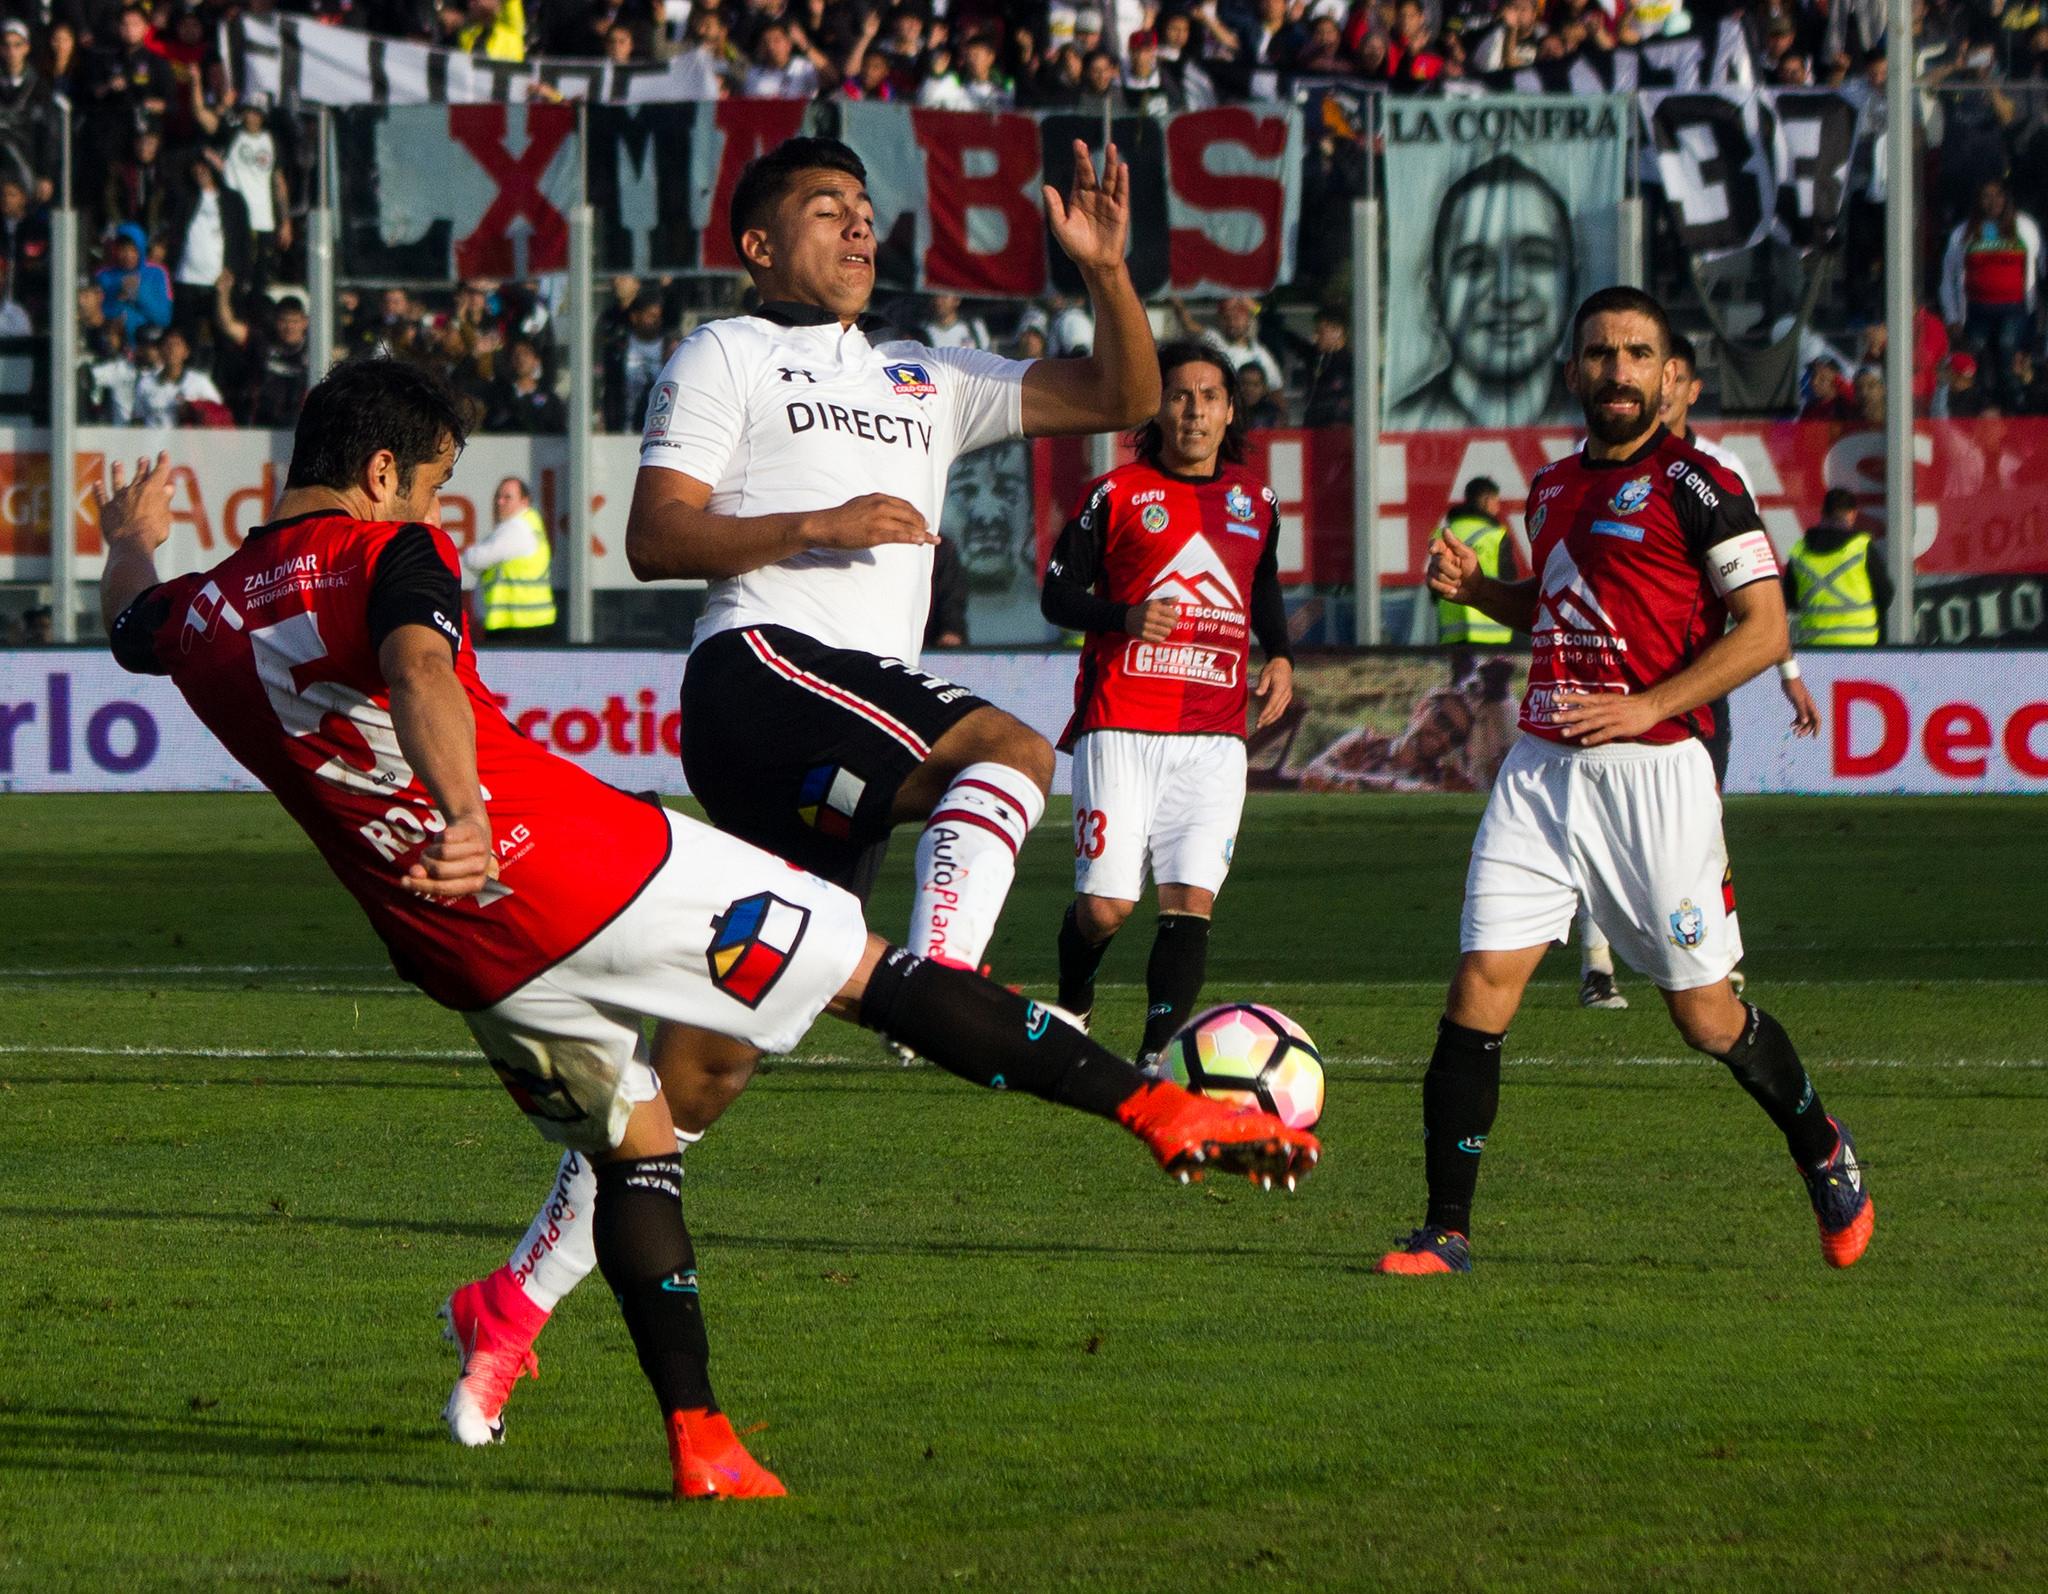 Galería de fotos: Colo-Colo vs Deportes Antofagasta